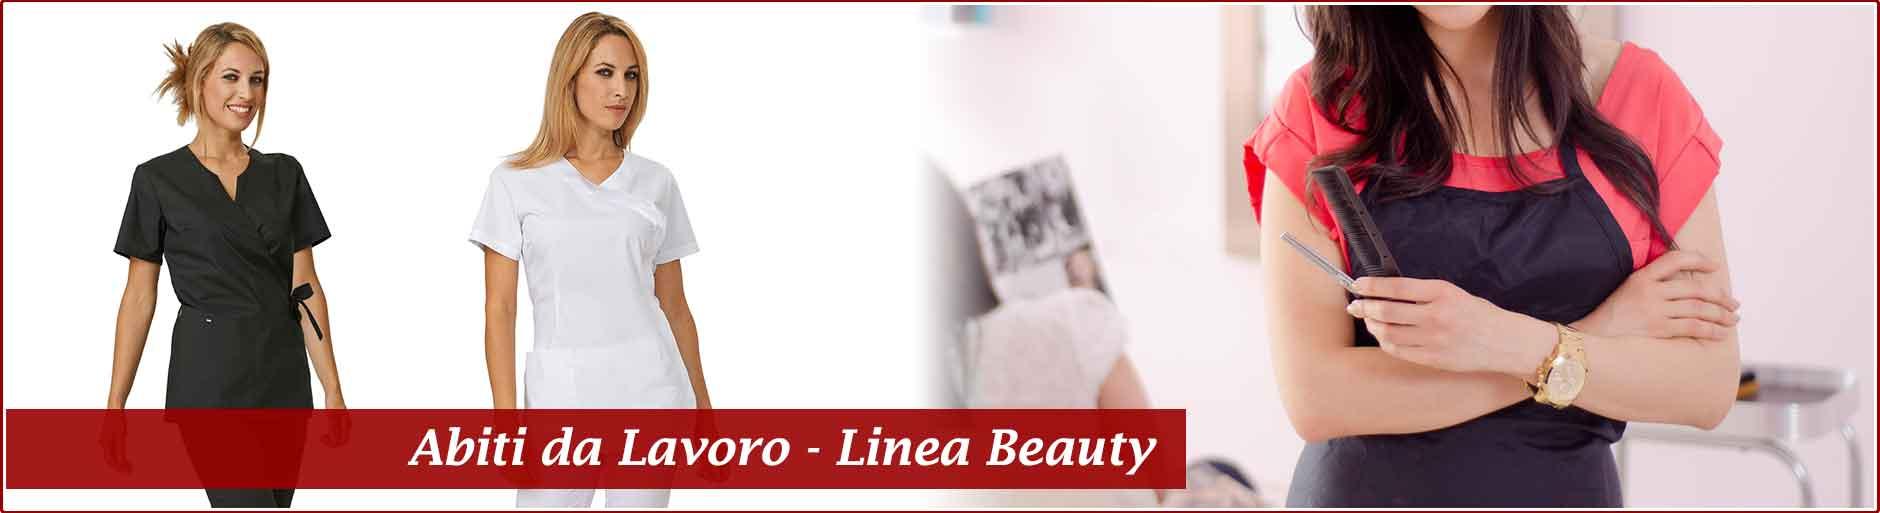 Abbigliamento da lavoro Beauty & Wellness